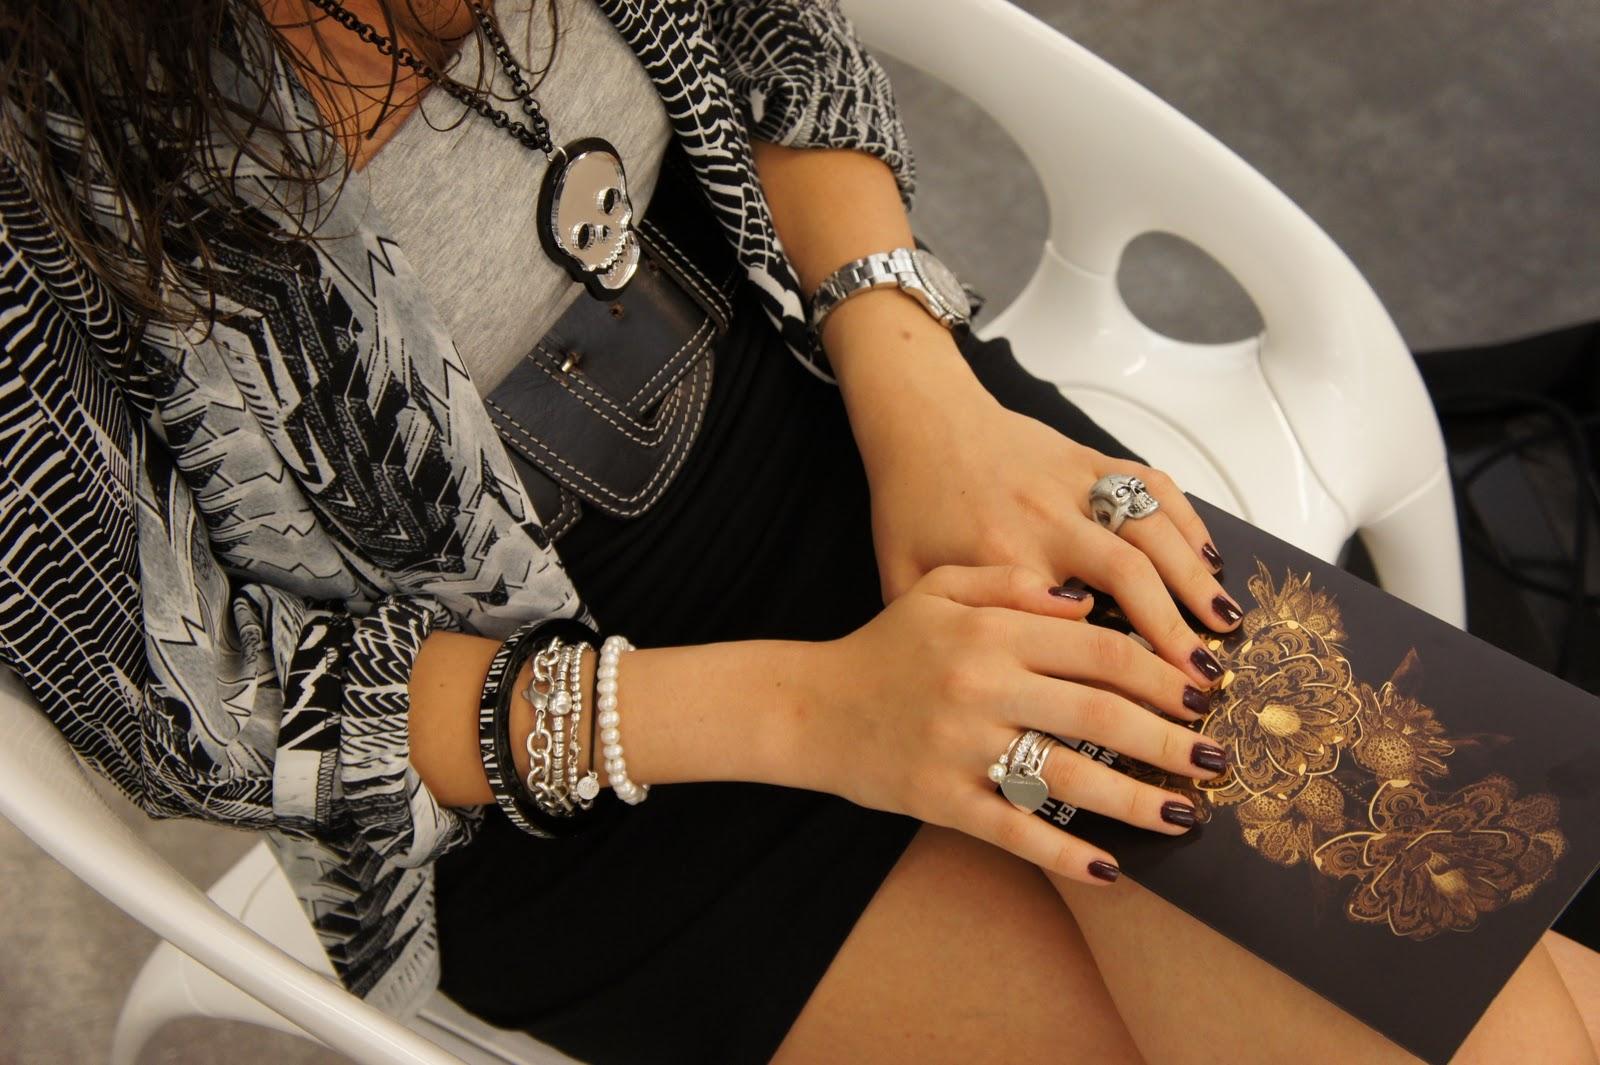 Эротика девушки в кожаном браслете 2 фотография